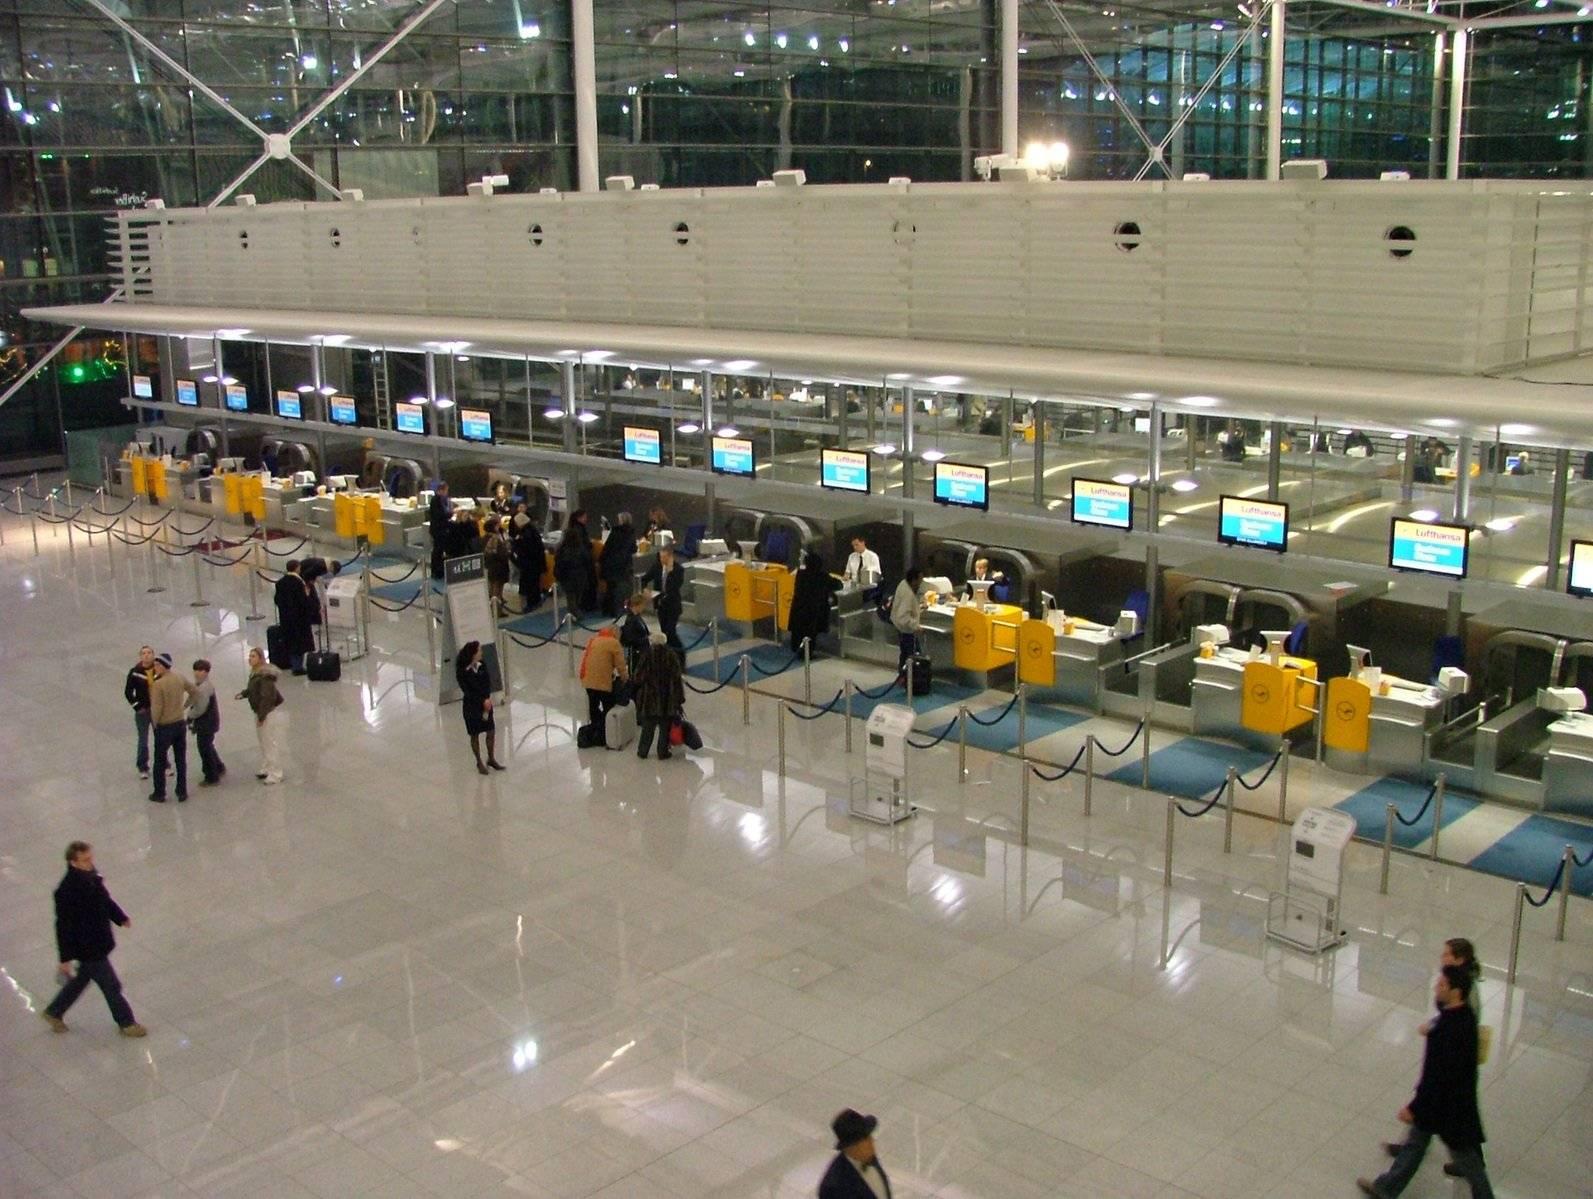 Аэропорт франц йозеф штраус мюнхен — сайт на русском